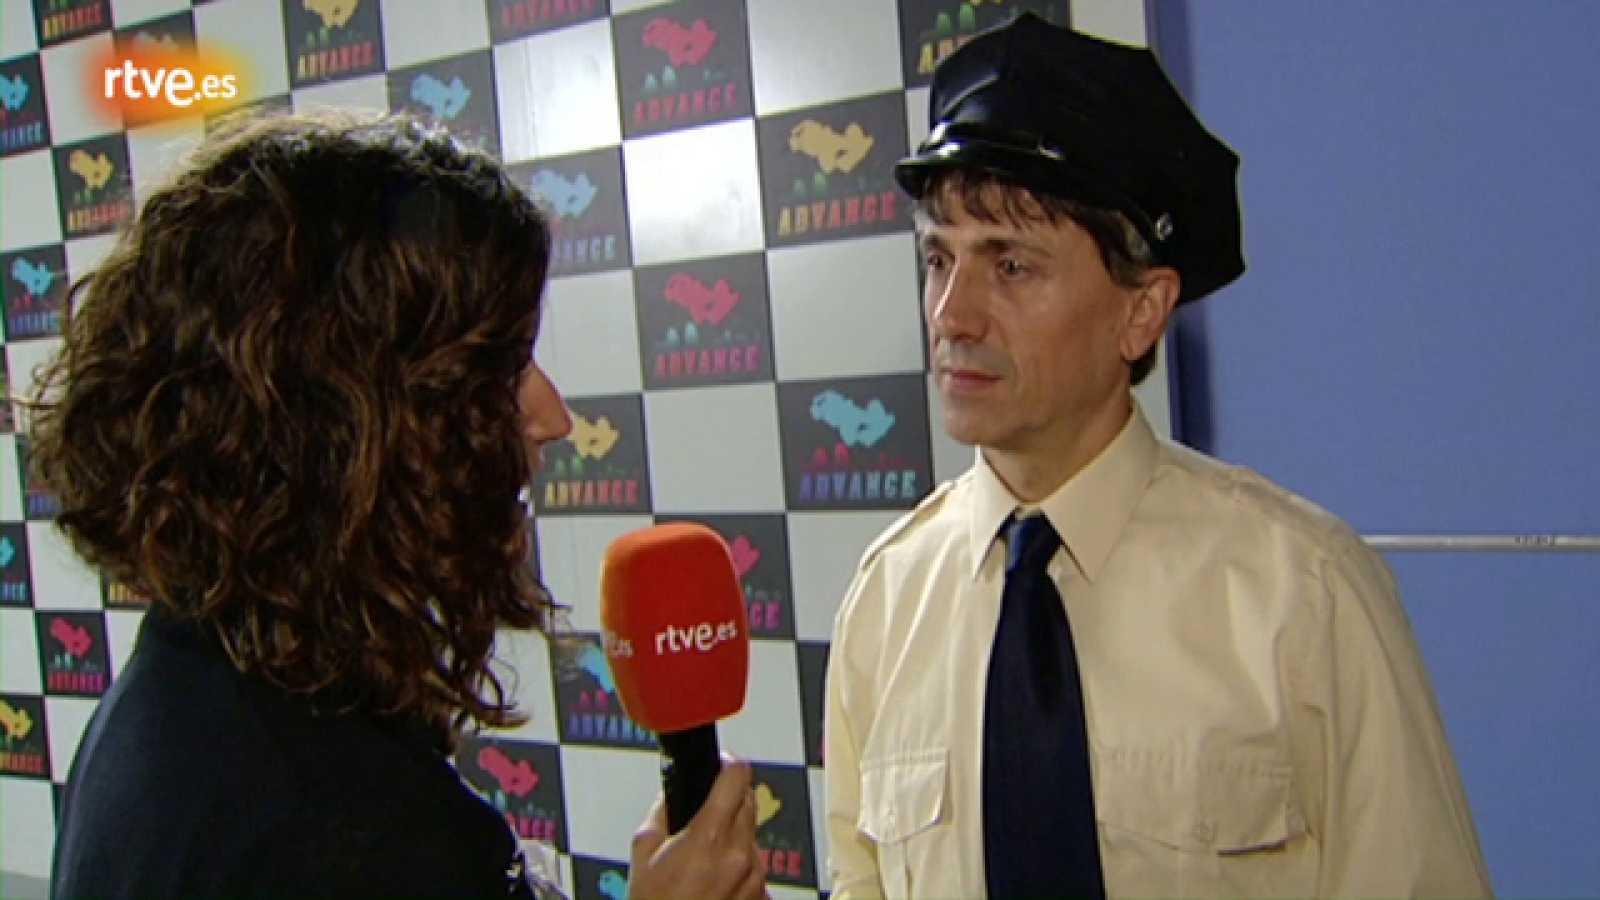 Especial Nochevieja con José Mota - Nos colamos en el rodaje del Especial Nochevieja y entrevistamos a Mota